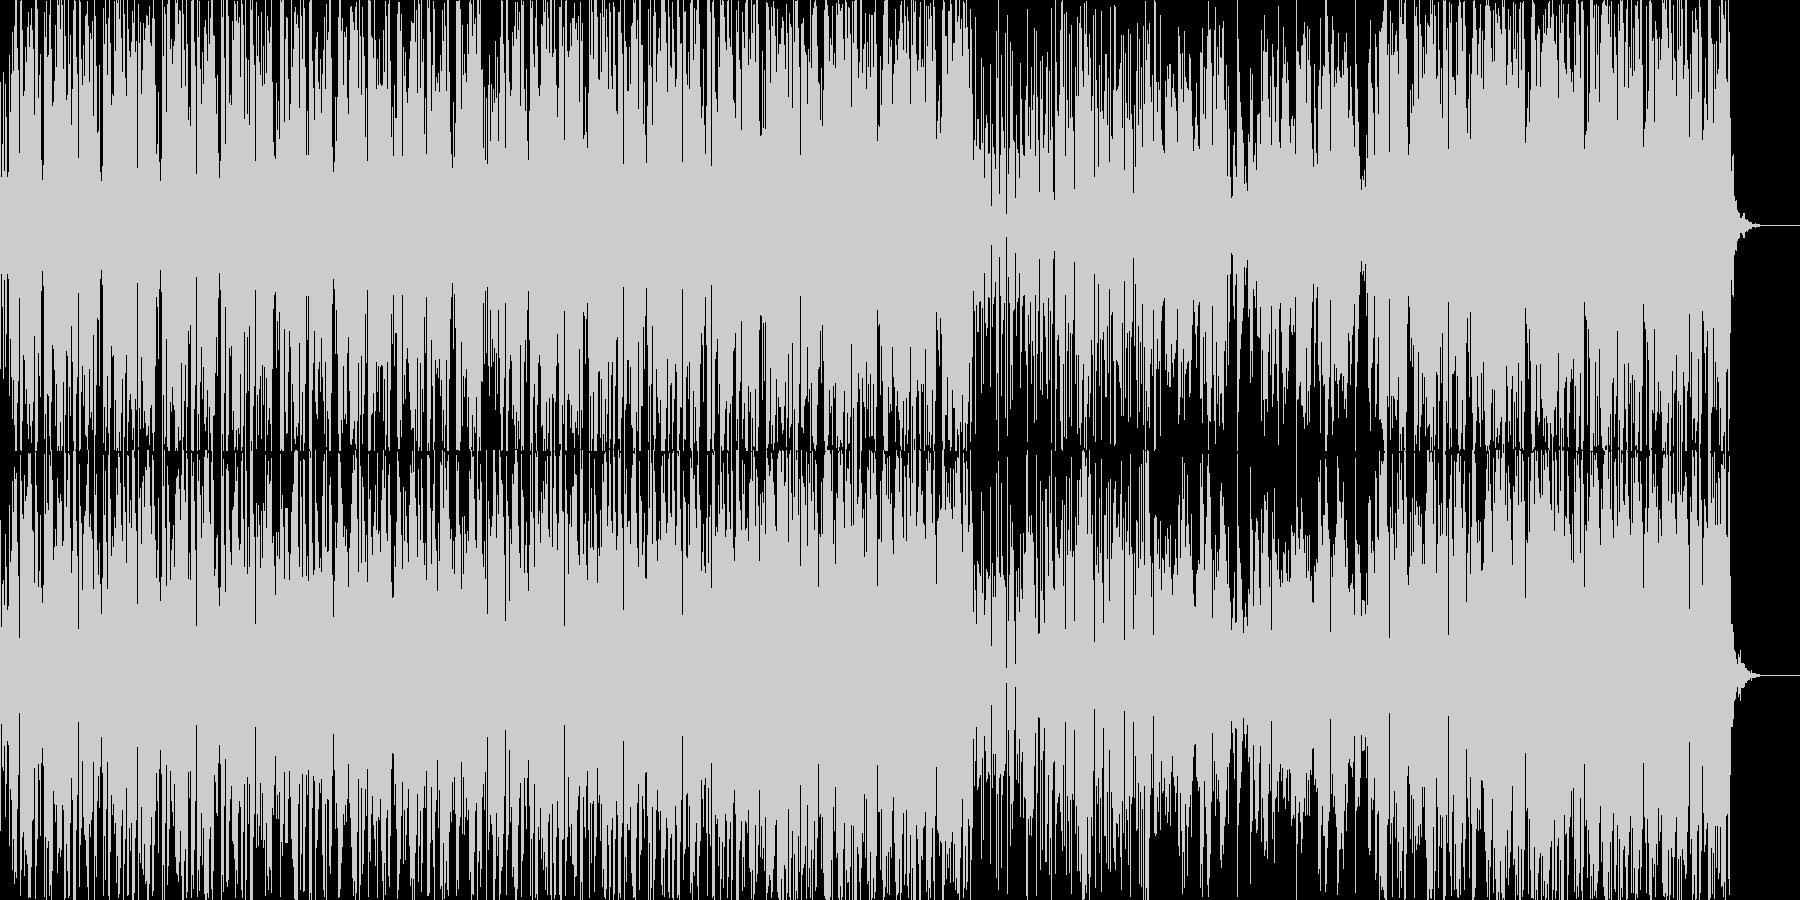 浮遊感のあるドラムンベース風テクノの未再生の波形